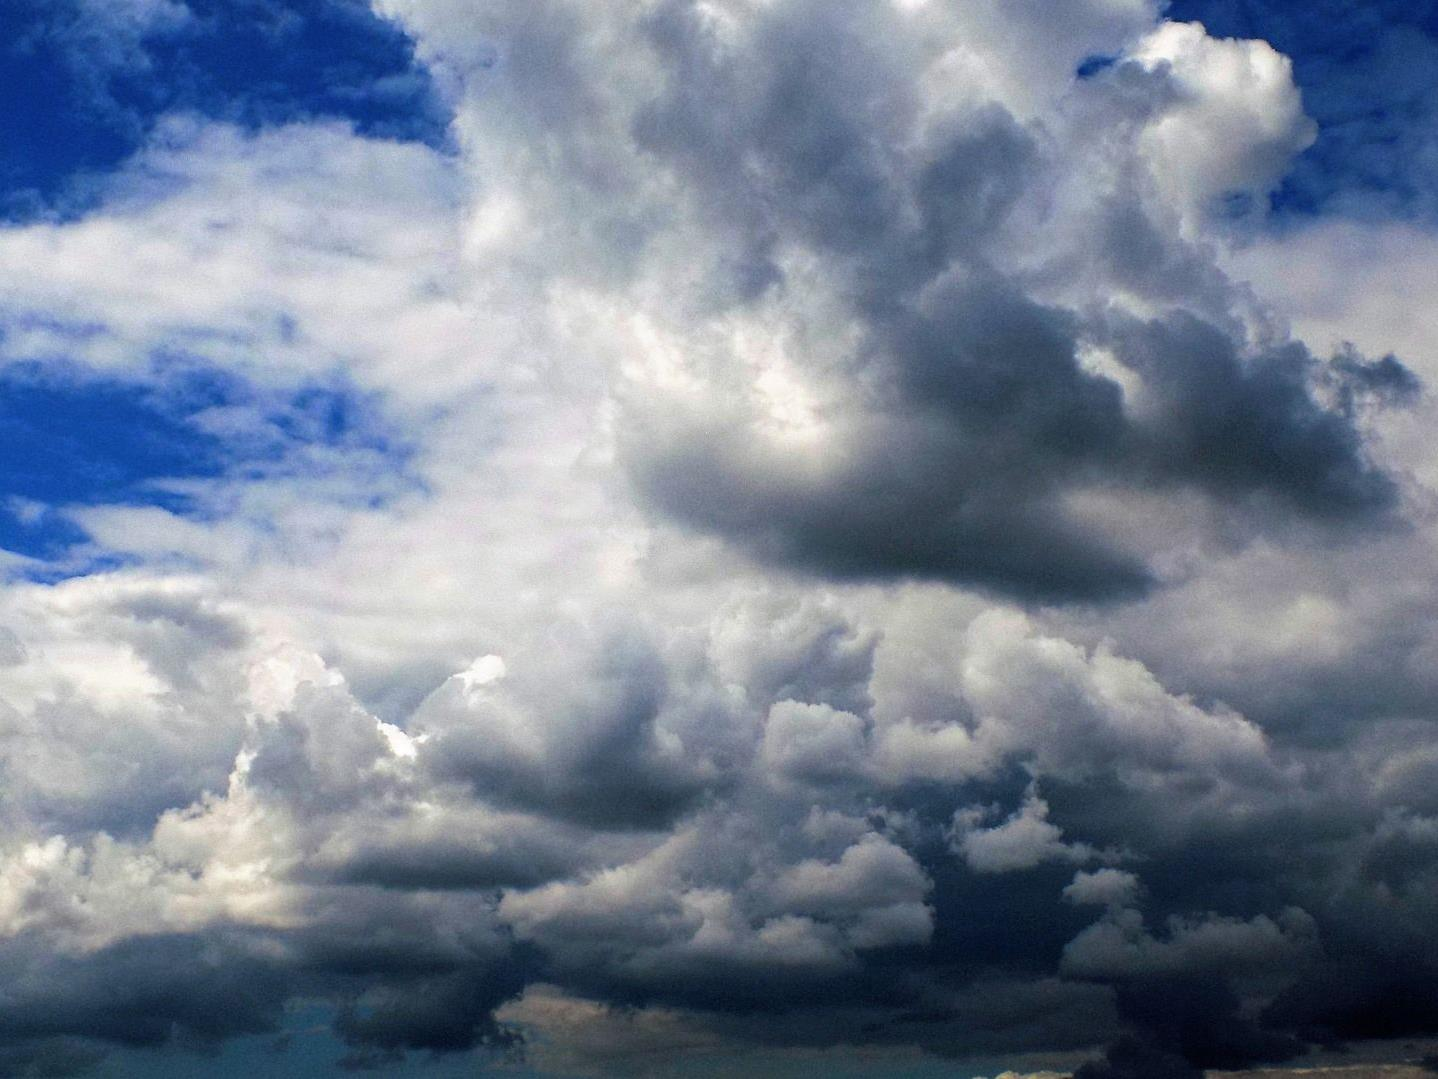 Die Wetterprognose zum Wochenende darüber hinaus